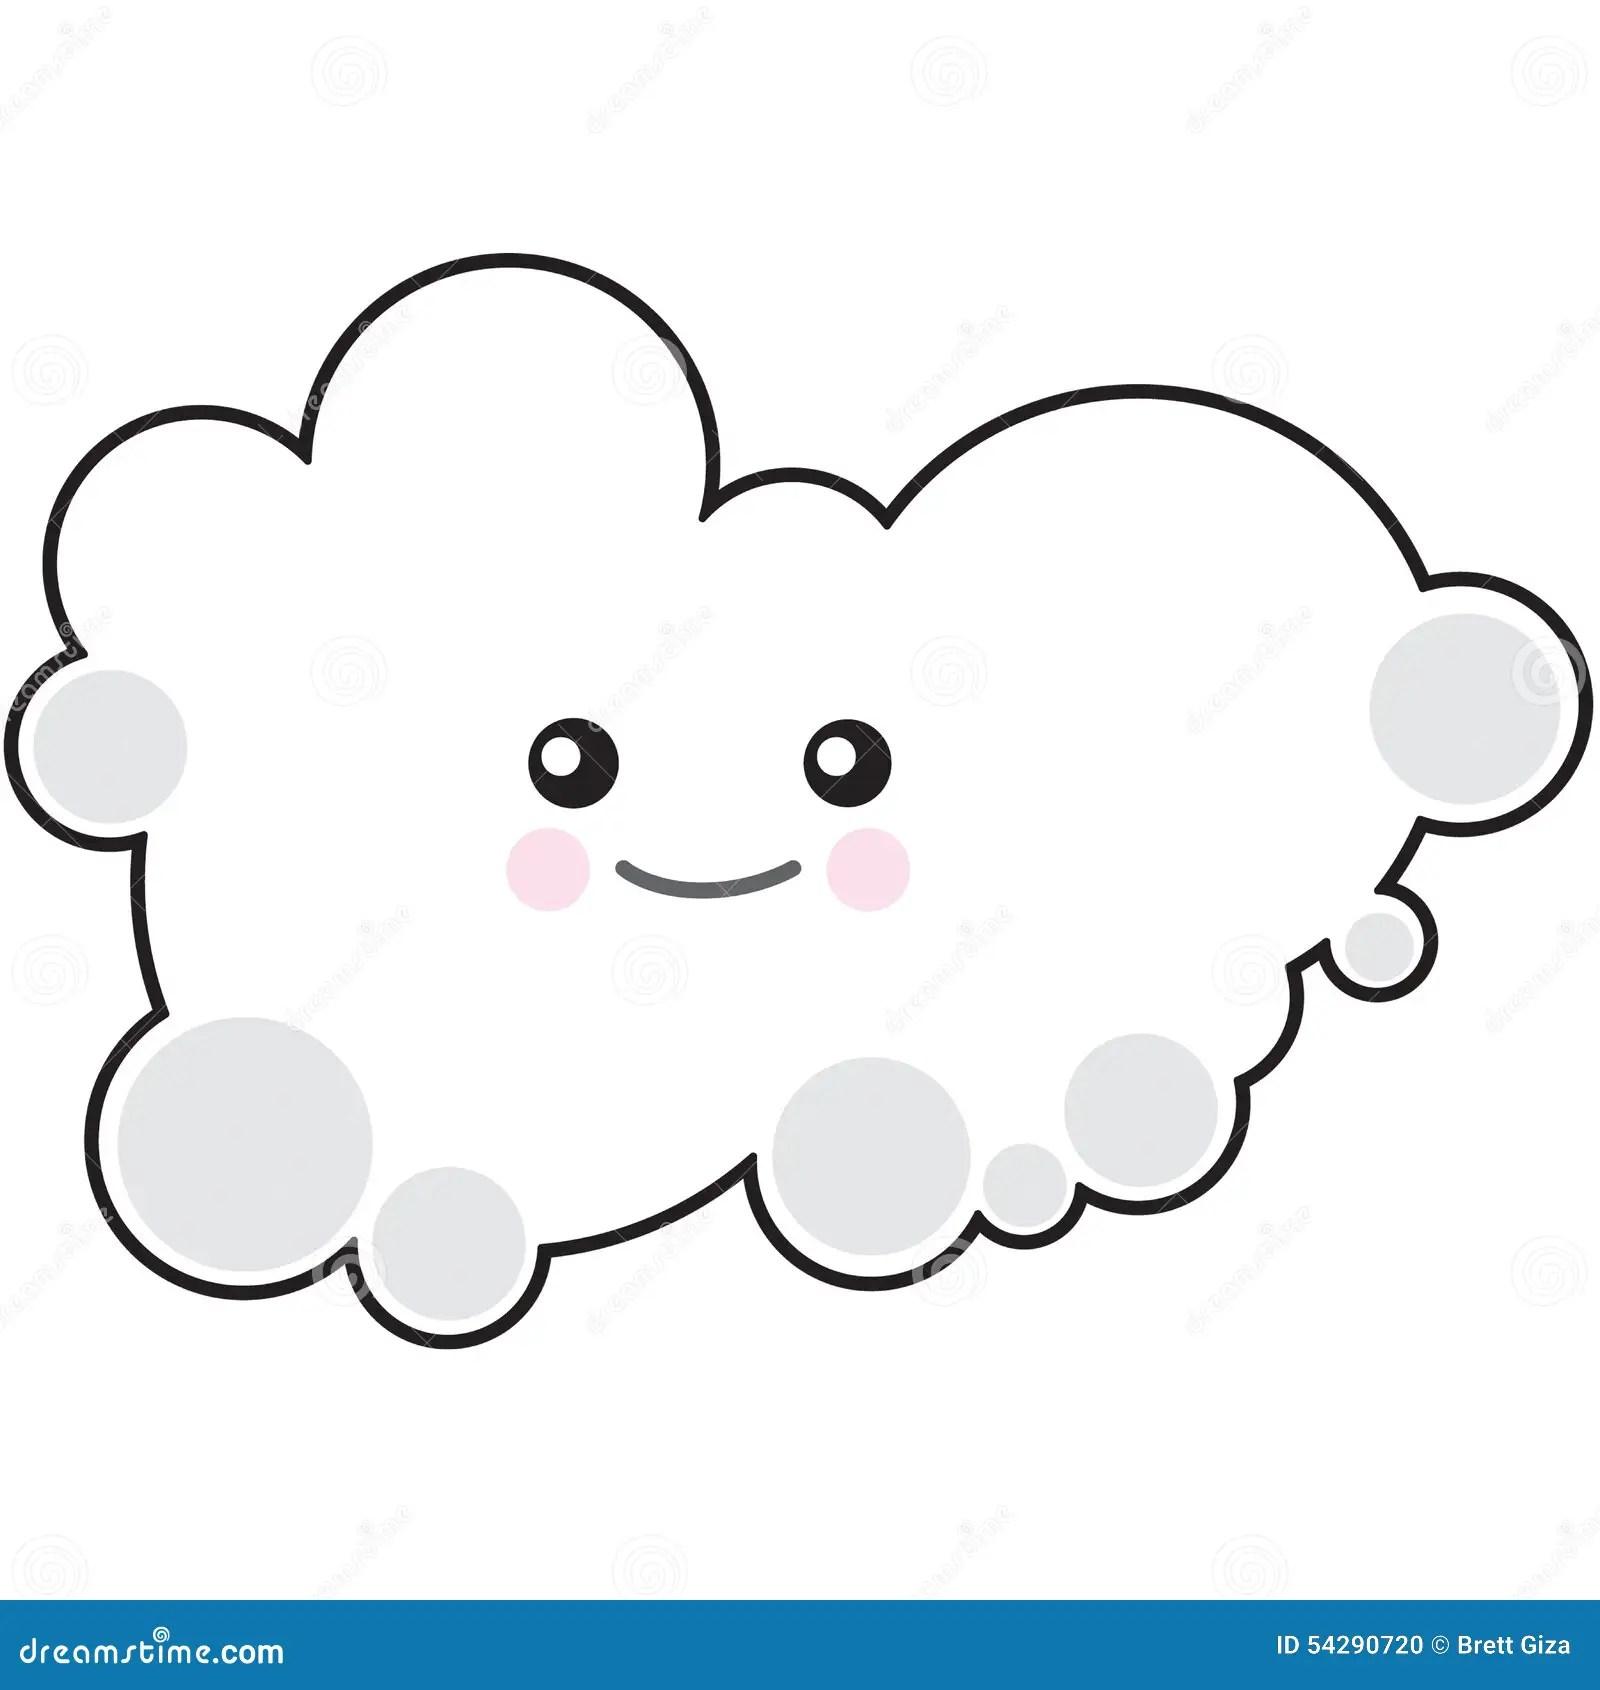 Stock Photo Happy Cloud Image